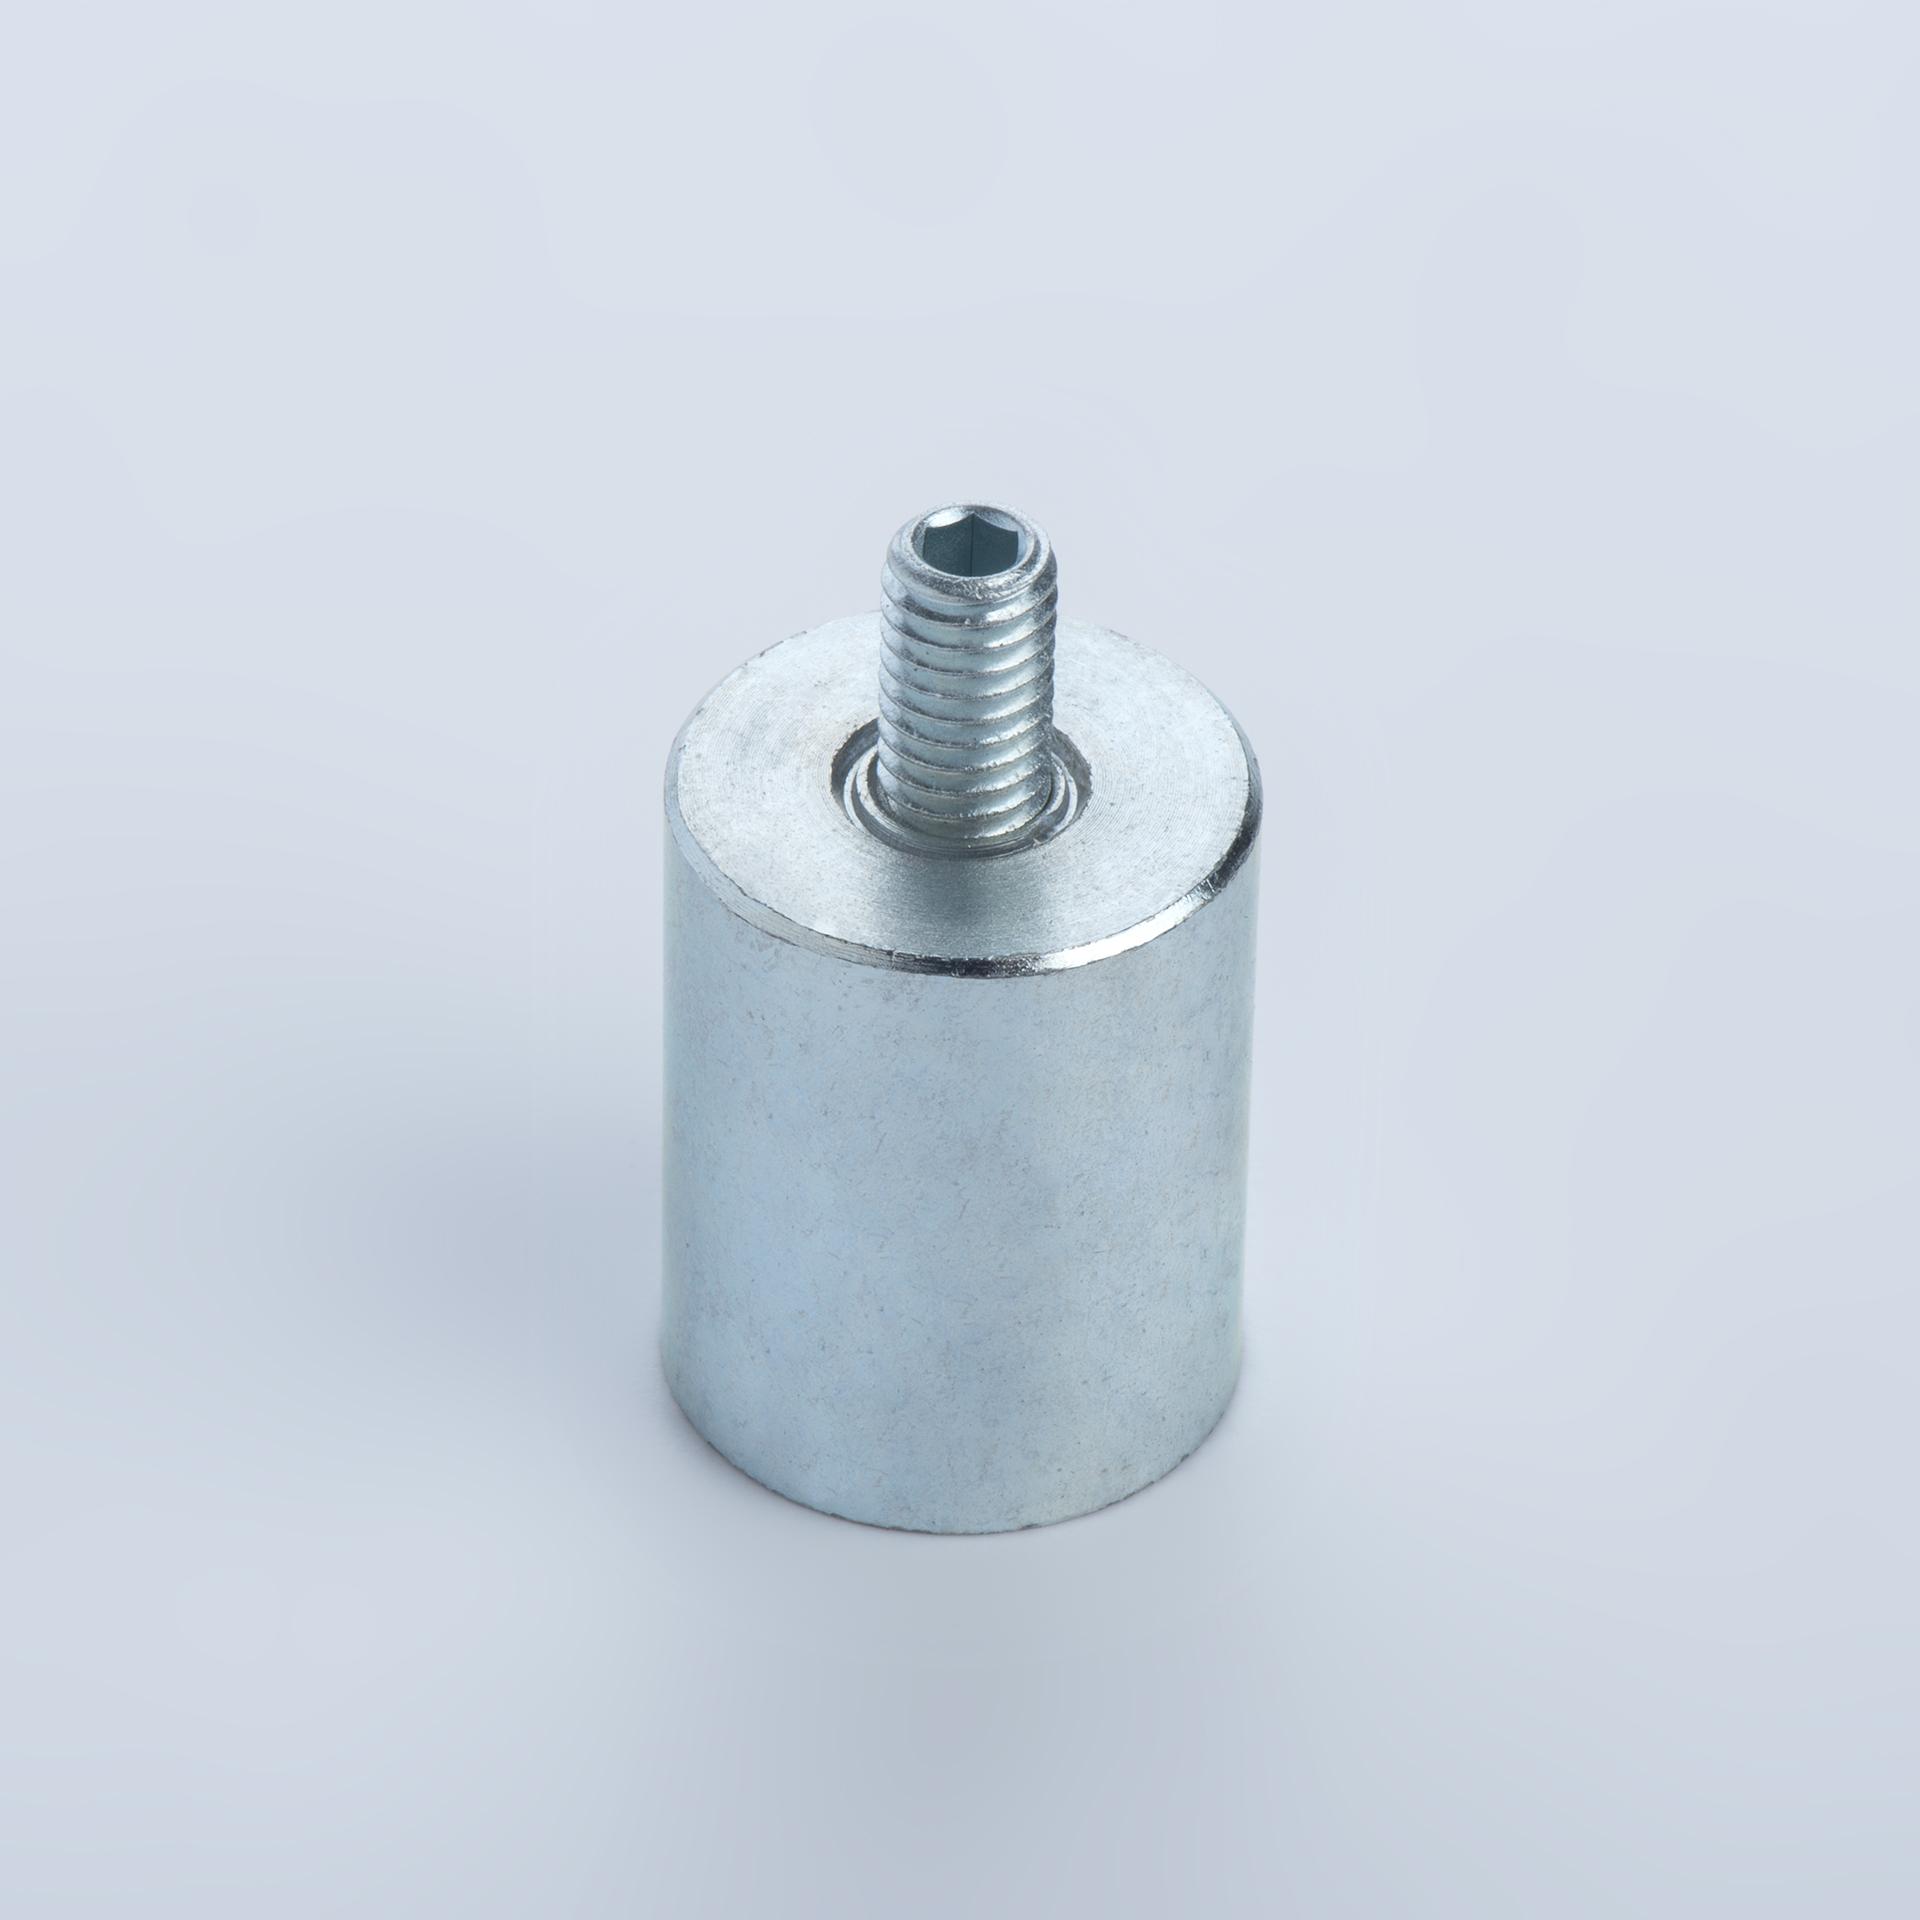 Stabgreifer aus AlNiCo, Stahlgehäuse mit Außengewinde, verzinkt, thyssenkrupp Magnettechnik